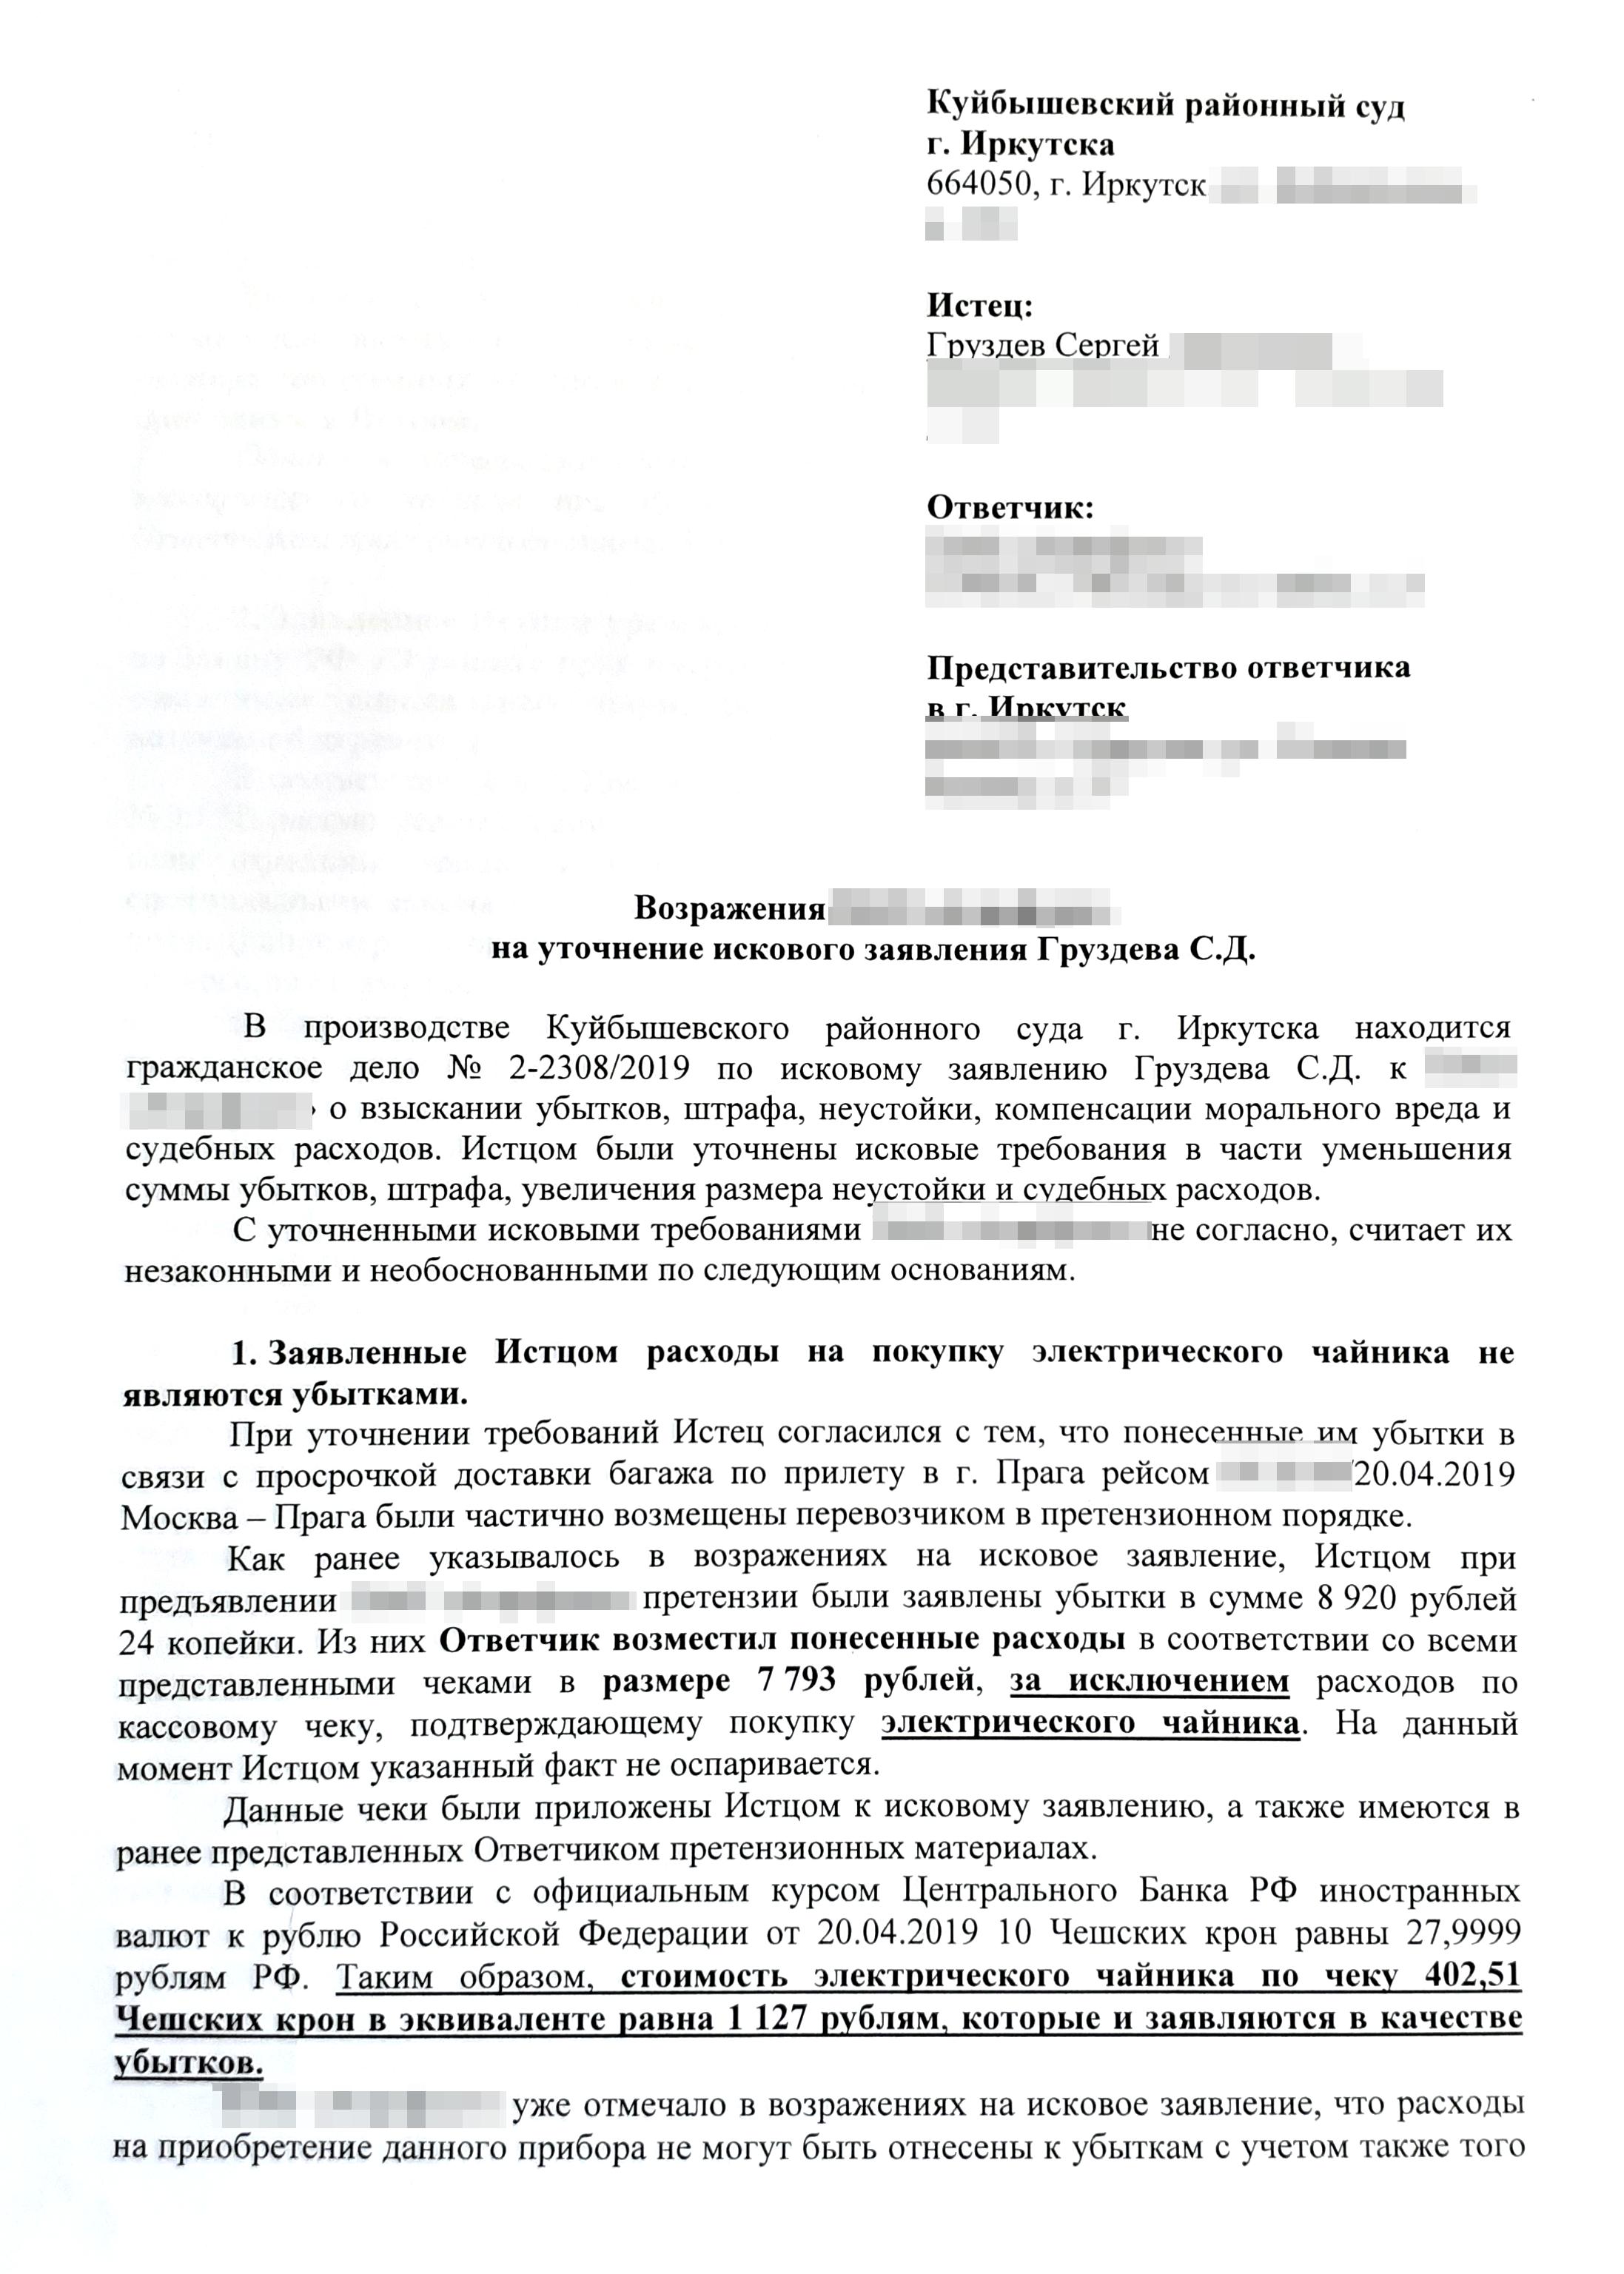 Возражения авиакомпании на уточненный иск: с требованиями Сергея она по-прежнему была не согласна